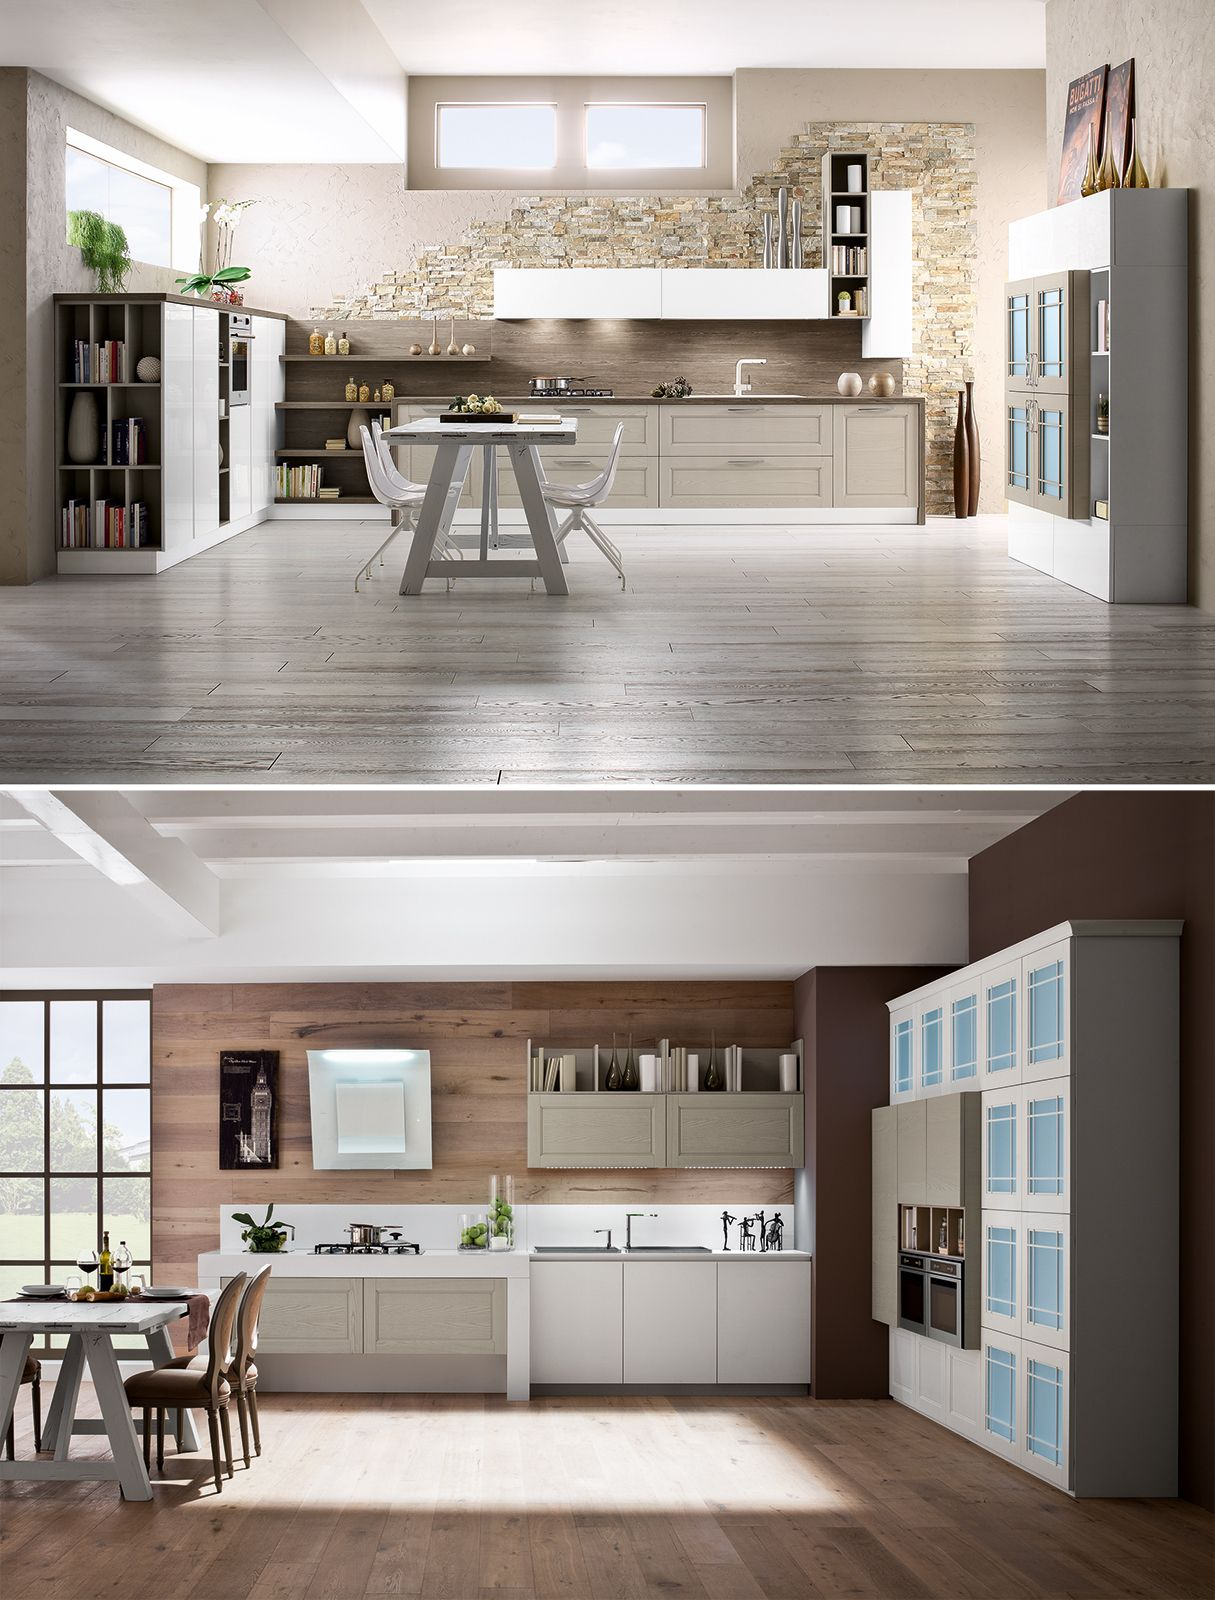 Prima Casa Prima Cucina Modelli Di Design A Prezzo Ragionevole Cose Di Casa Design Case Cucine